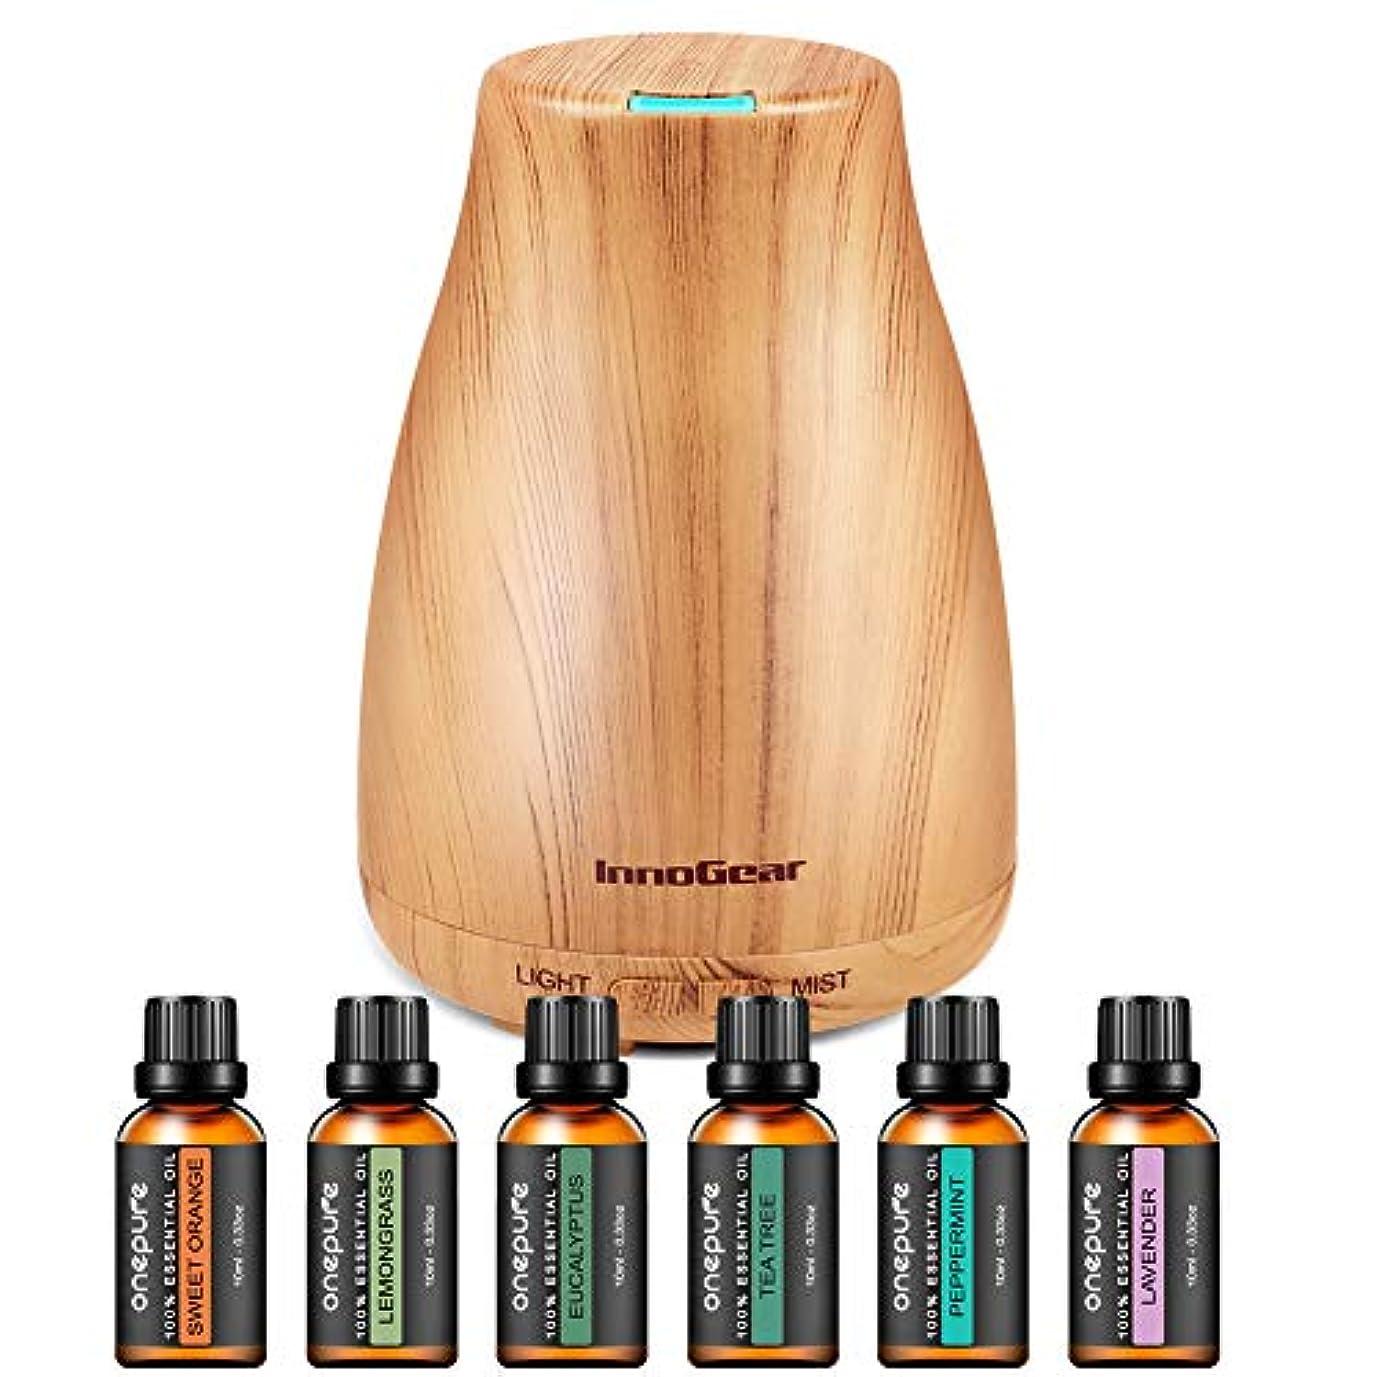 つなぐ組み立てるネーピアinnoGear 6本 ボトル100%純粋なエッセンシャルオイルと150ミリリットルアロマディフューザー アップグレードし 7色 ギフトセット 香りクールミスト加湿器 家庭用 変更ライト 導きました イエロー